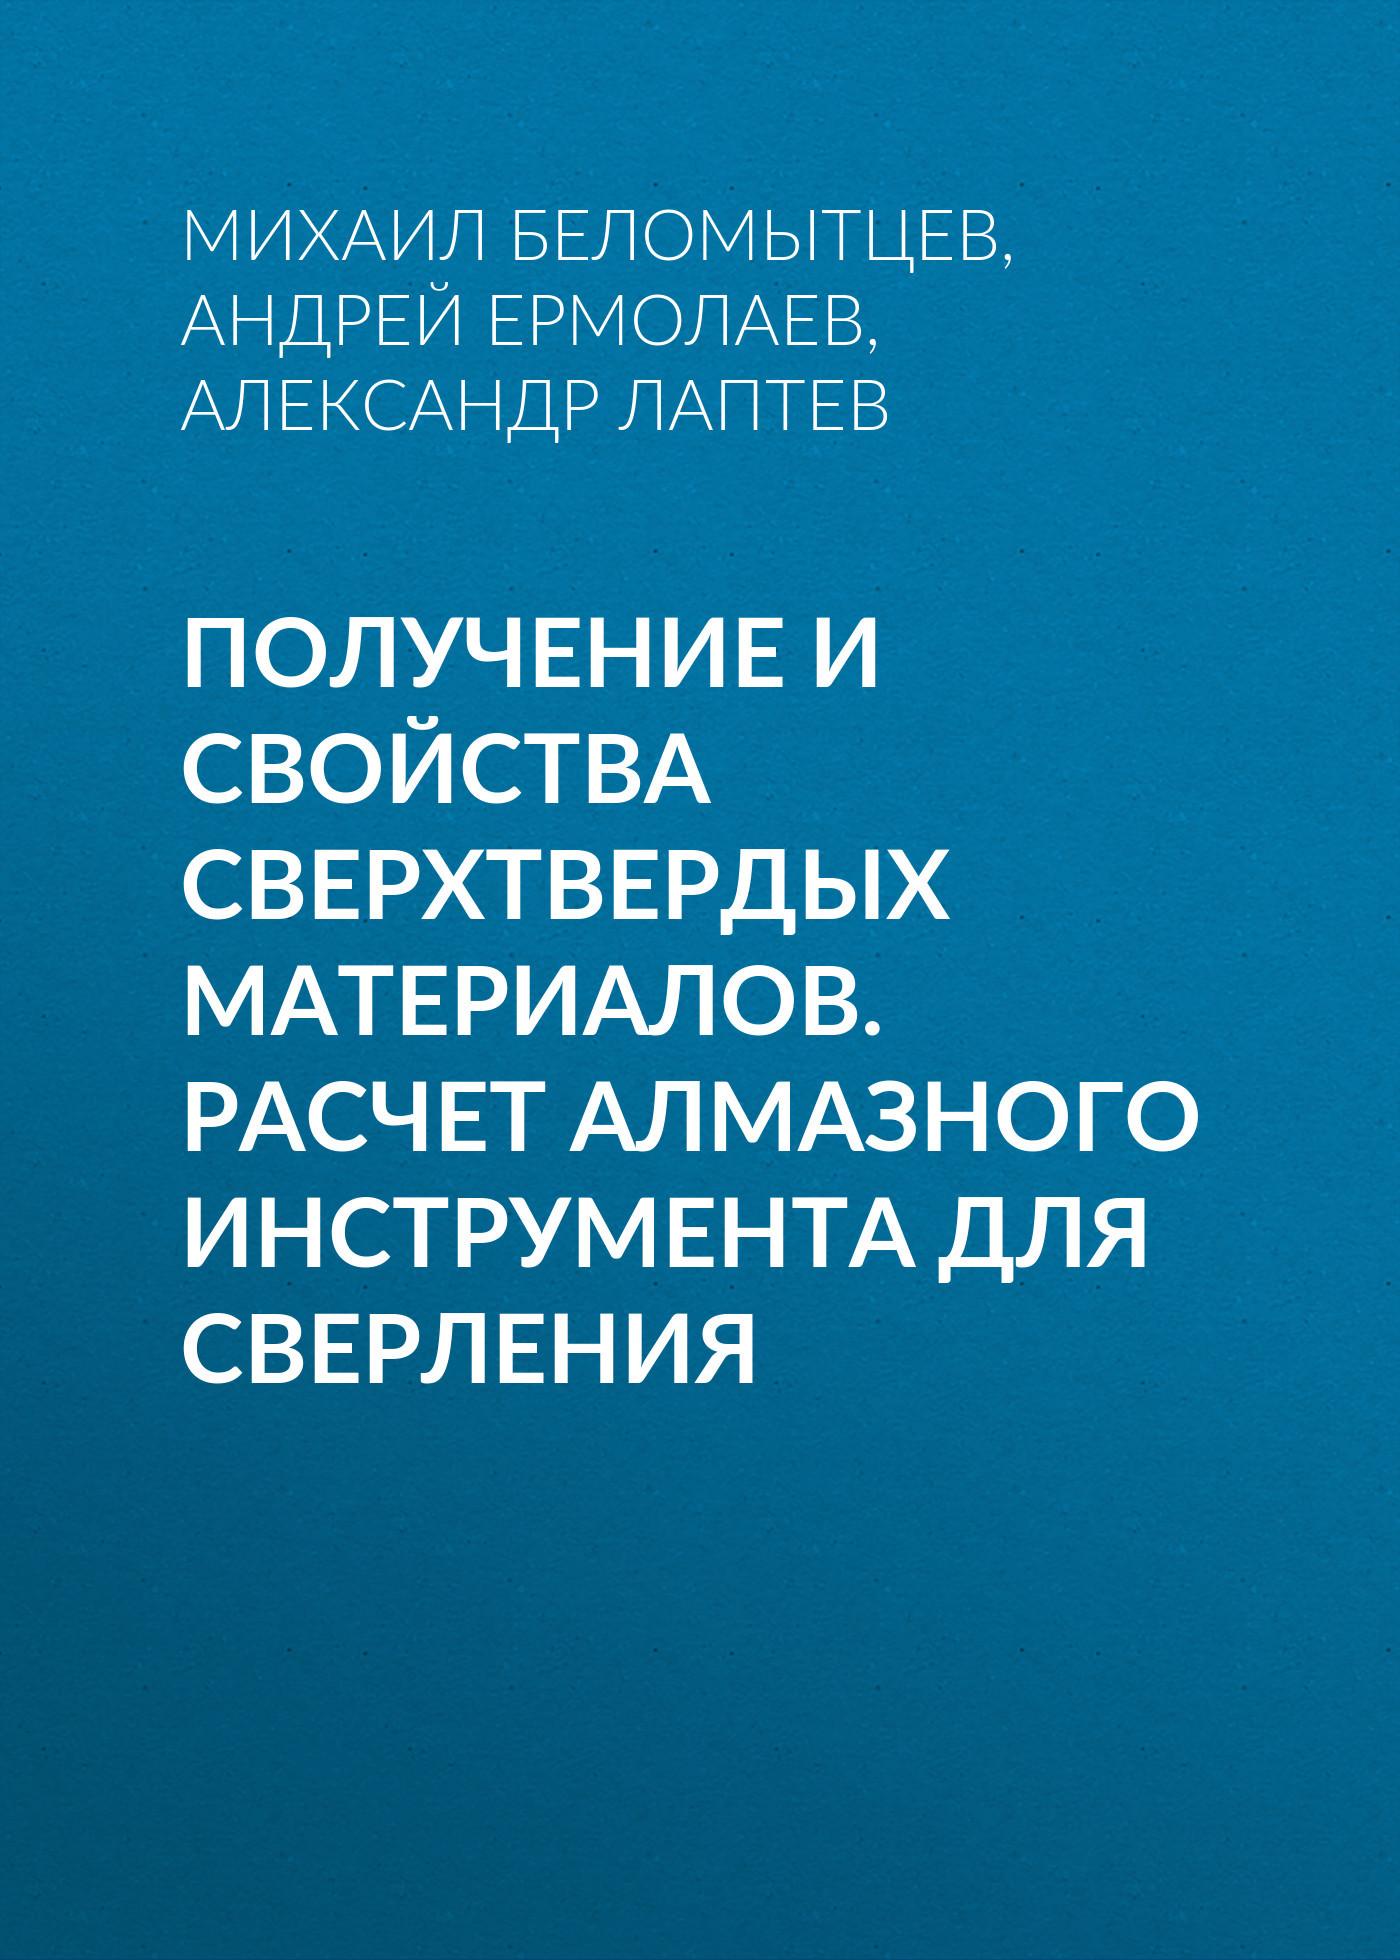 Андрей Ермолаев Получение и свойства сверхтвердых материалов. Расчет алмазного инструмента для сверления набор инструмента станкоимпорт наб 14 12 133